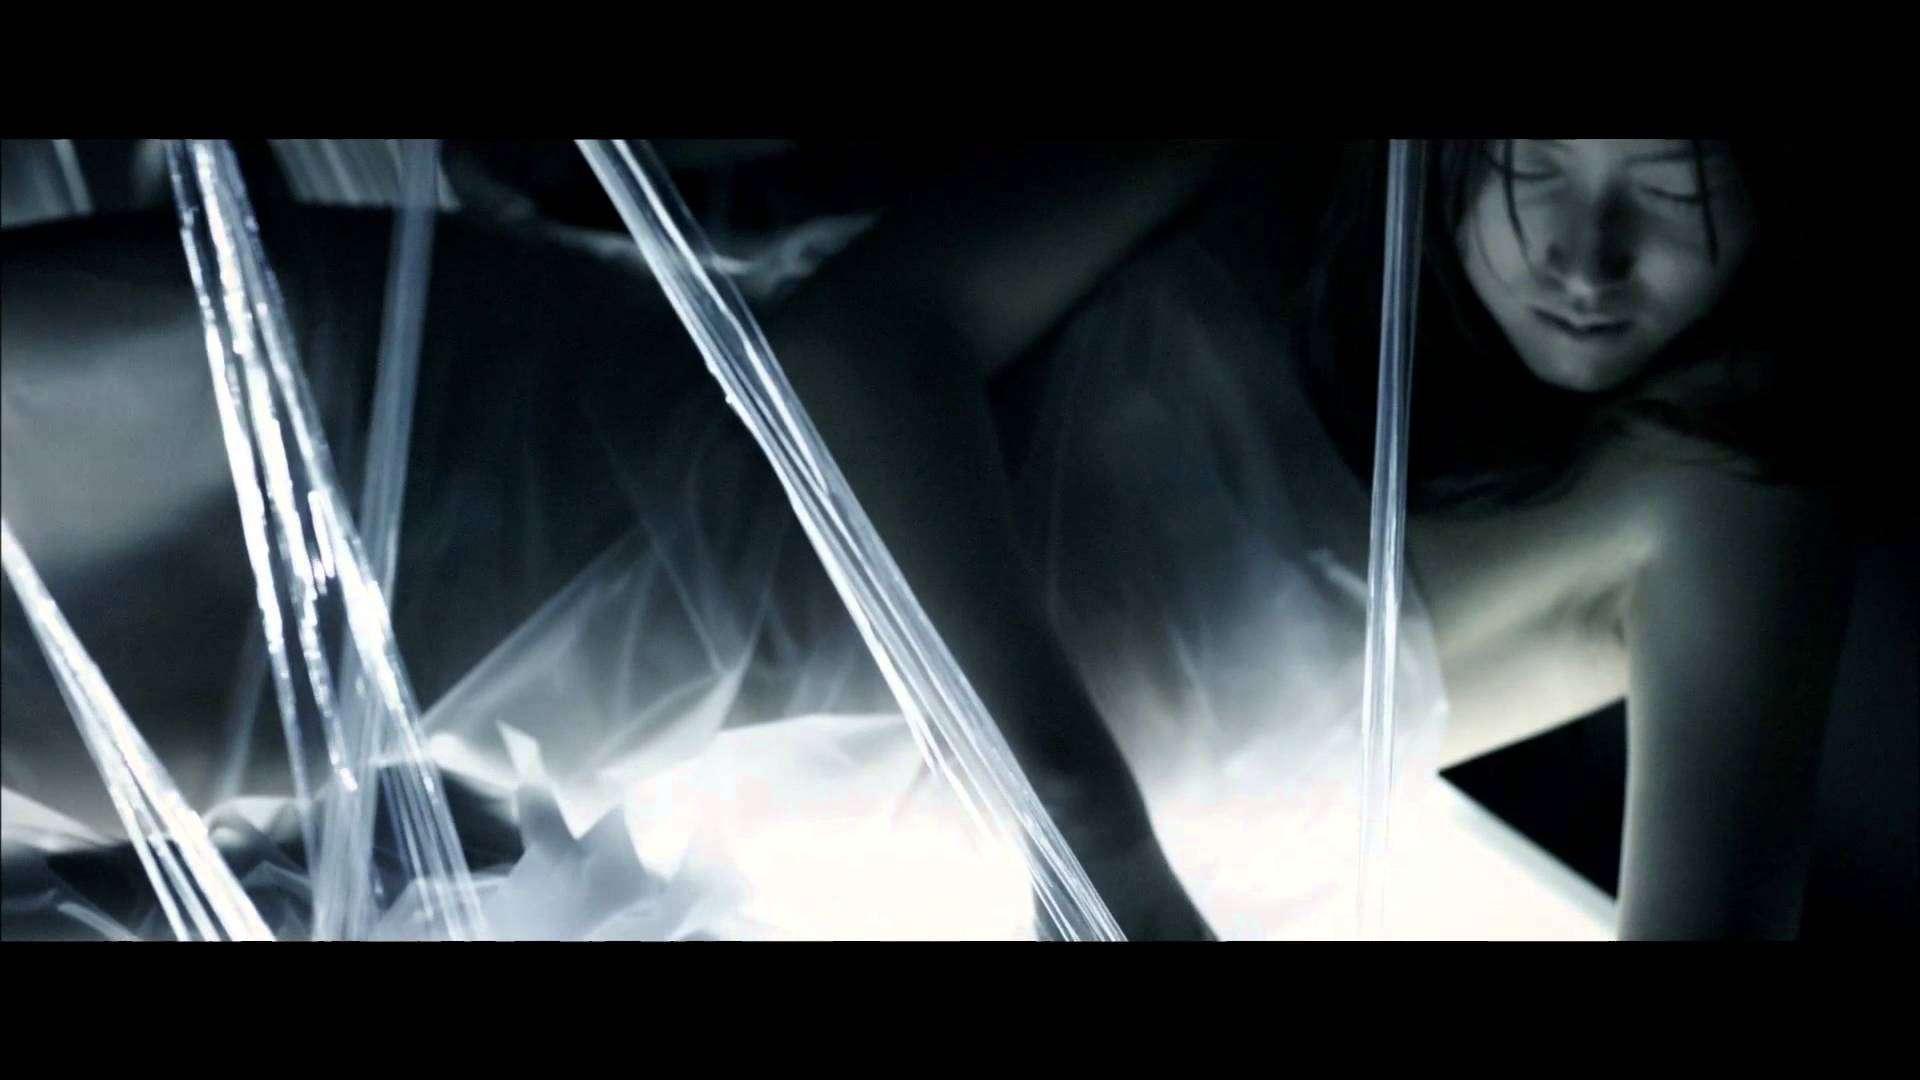 映画『黒執事』本予告編 - YouTube